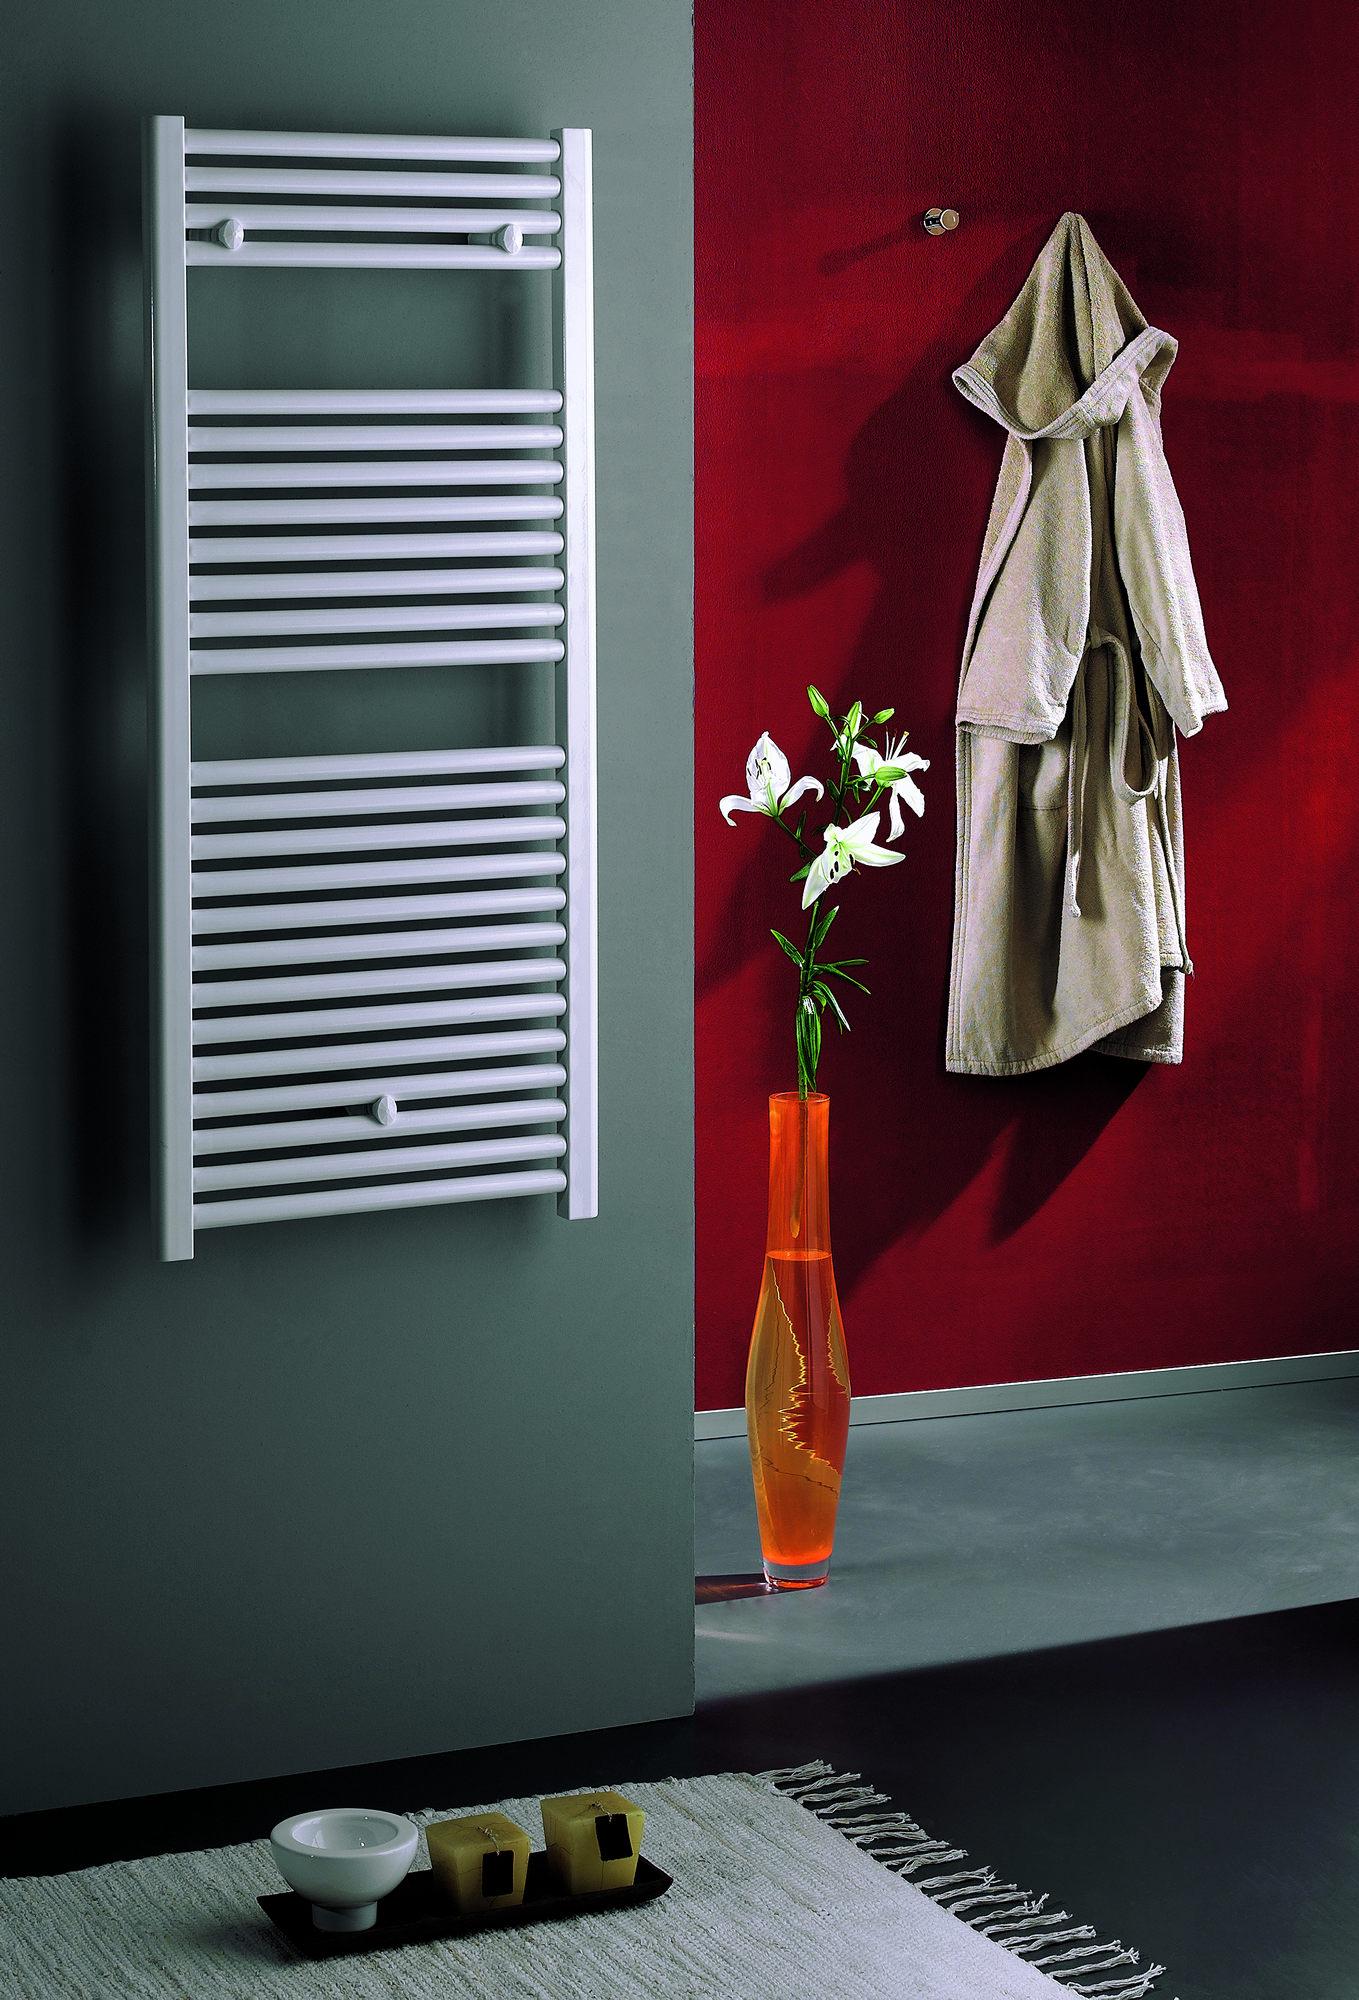 Radiateur sche serviettes classico chauffage central for Branchement radiateur chauffage central